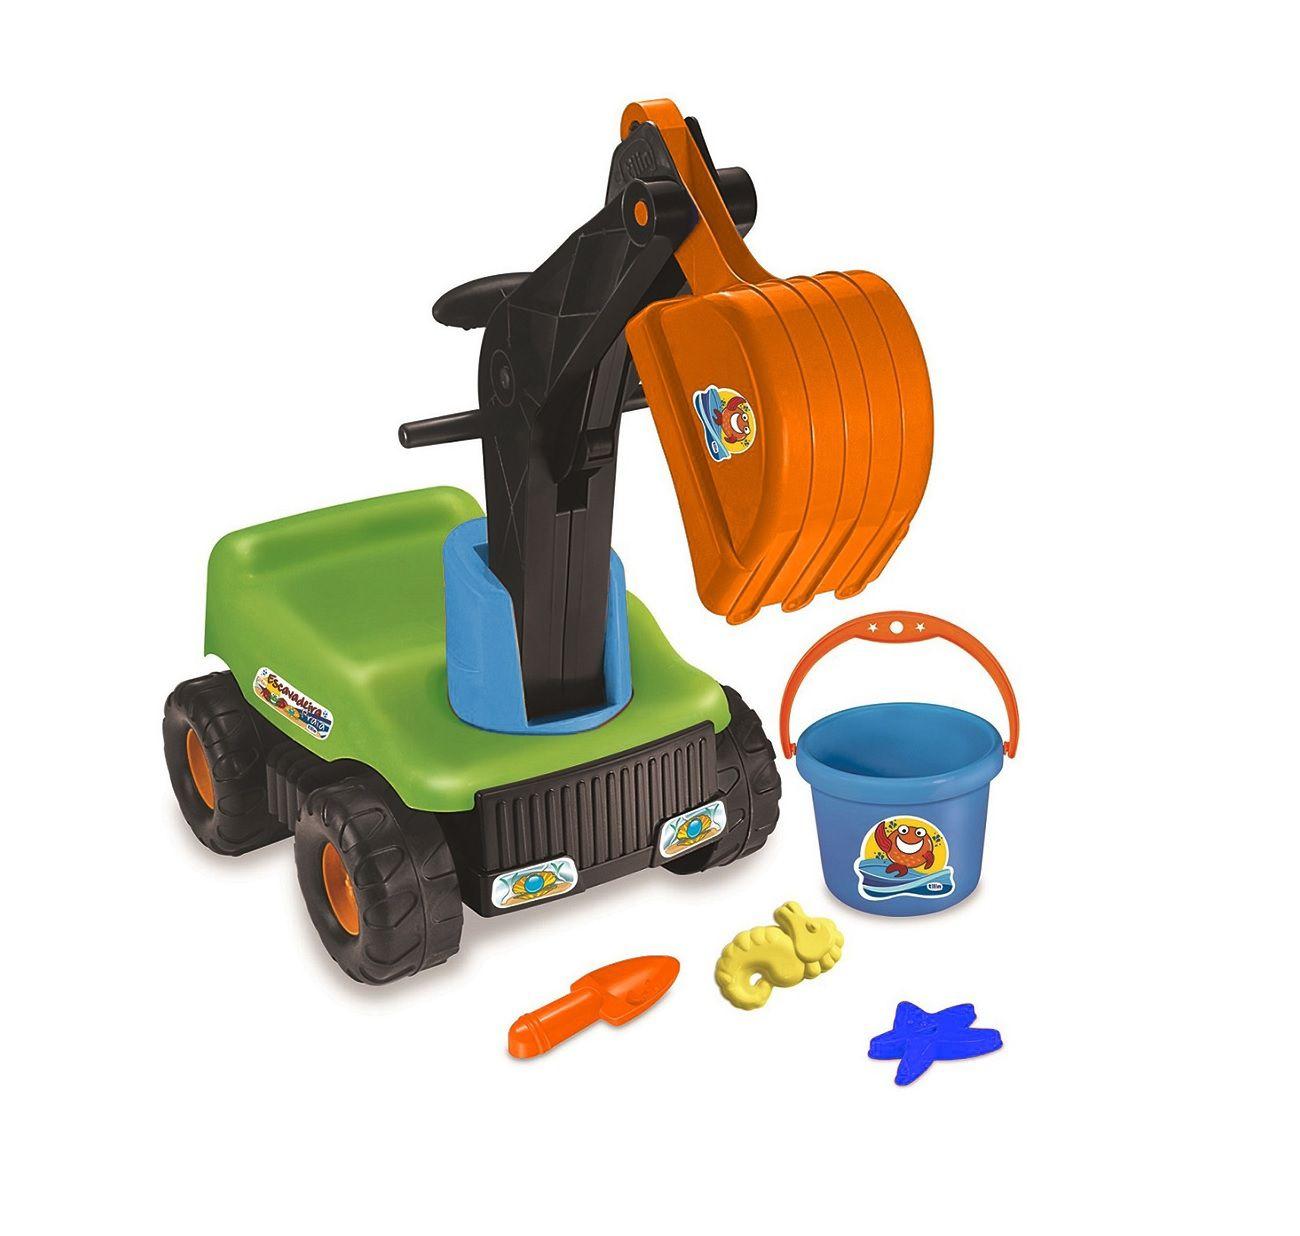 Trator Escavadeira Praia com Acessórios Sortidos - Tilin Brinquedos